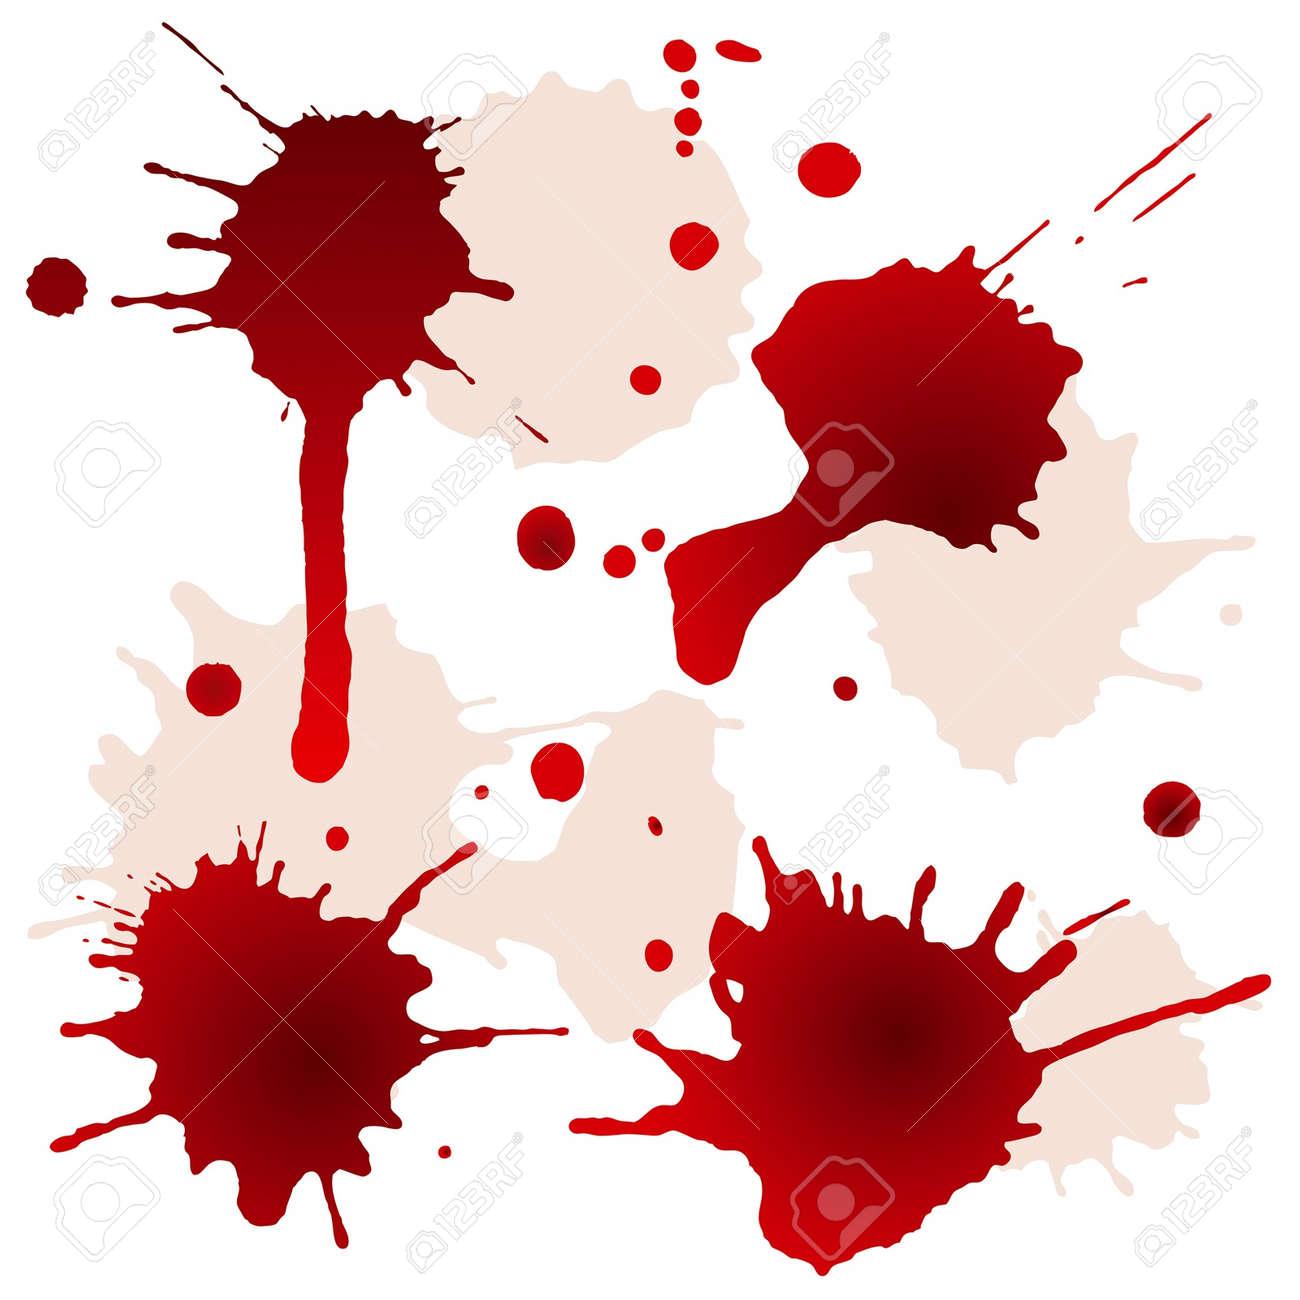 Splattered blood stains, vector illustration - 14666248